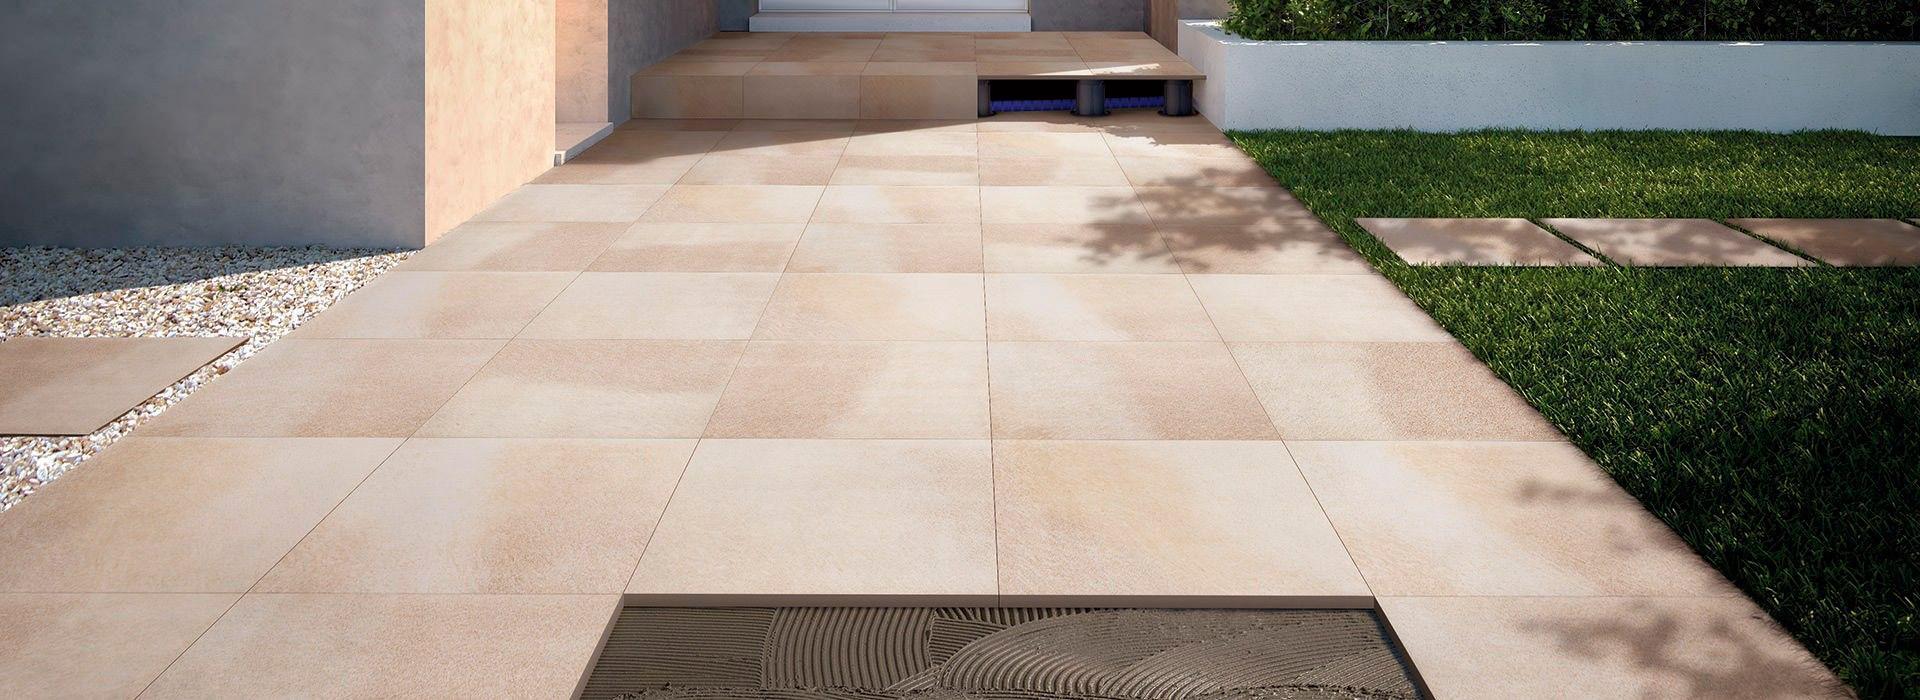 Pavimenti Per Terrazzi Esterni pavimentazioni esterne, piastrelle per pavimenti